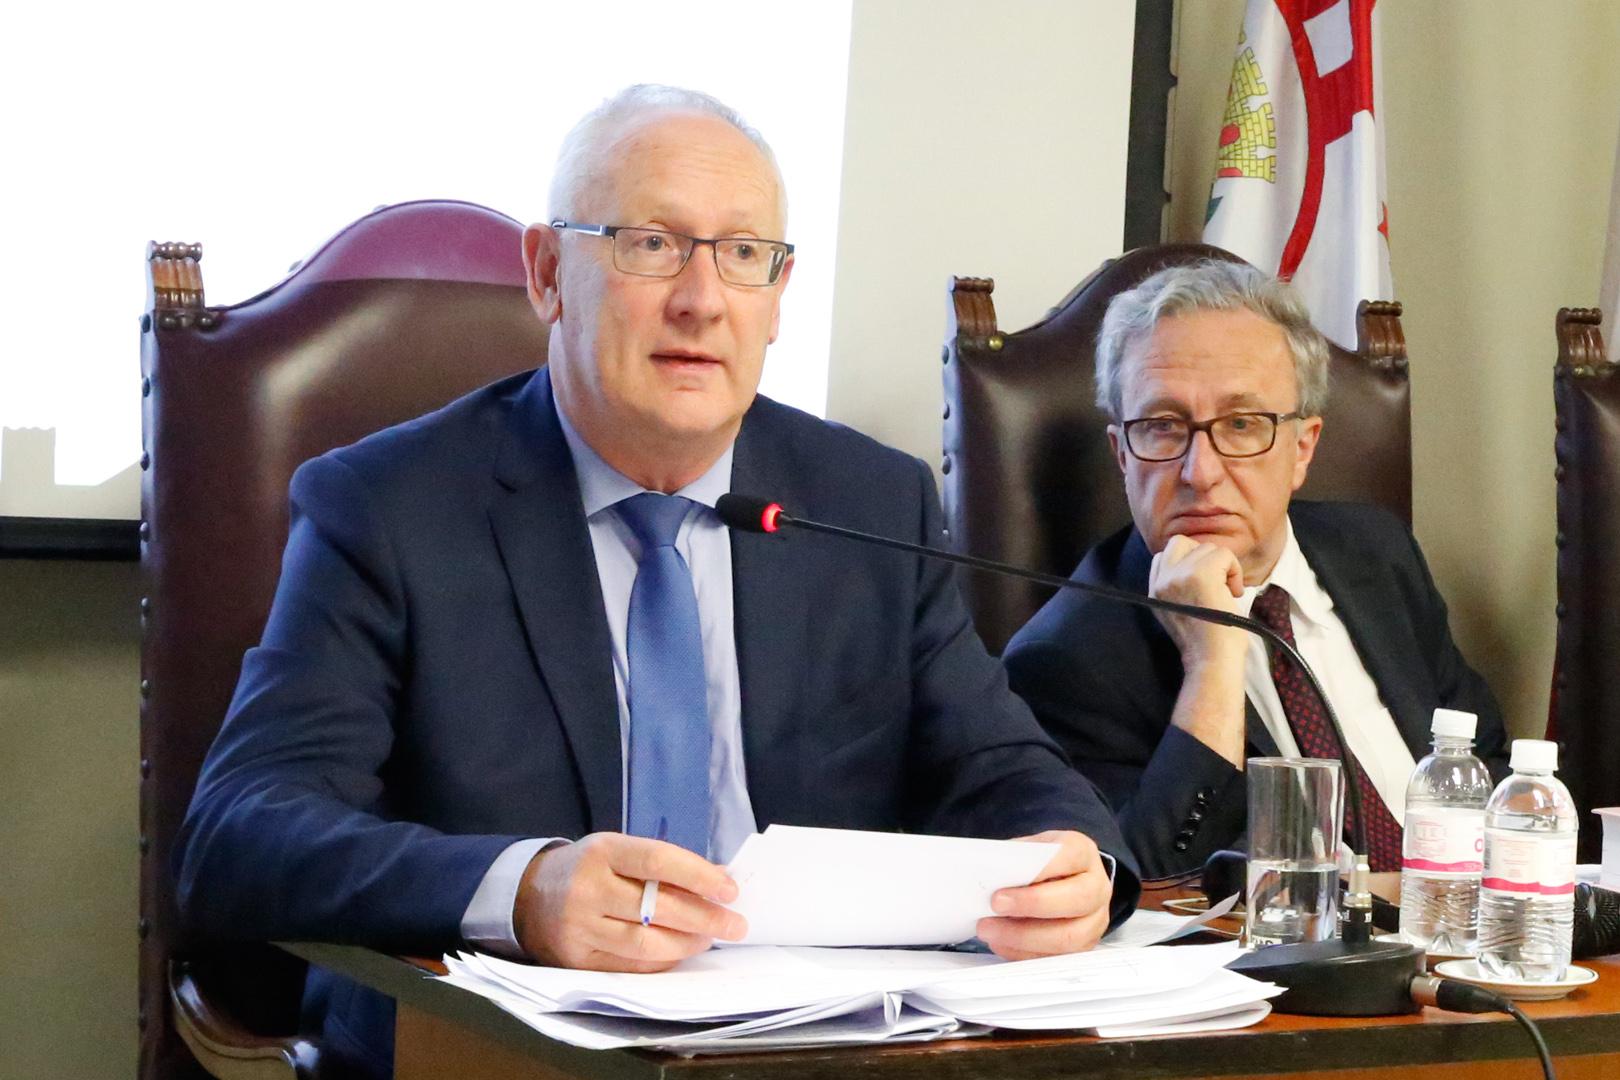 Jurisprudências de Direito Ambiental da França e do Brasil são debatidas na EPM